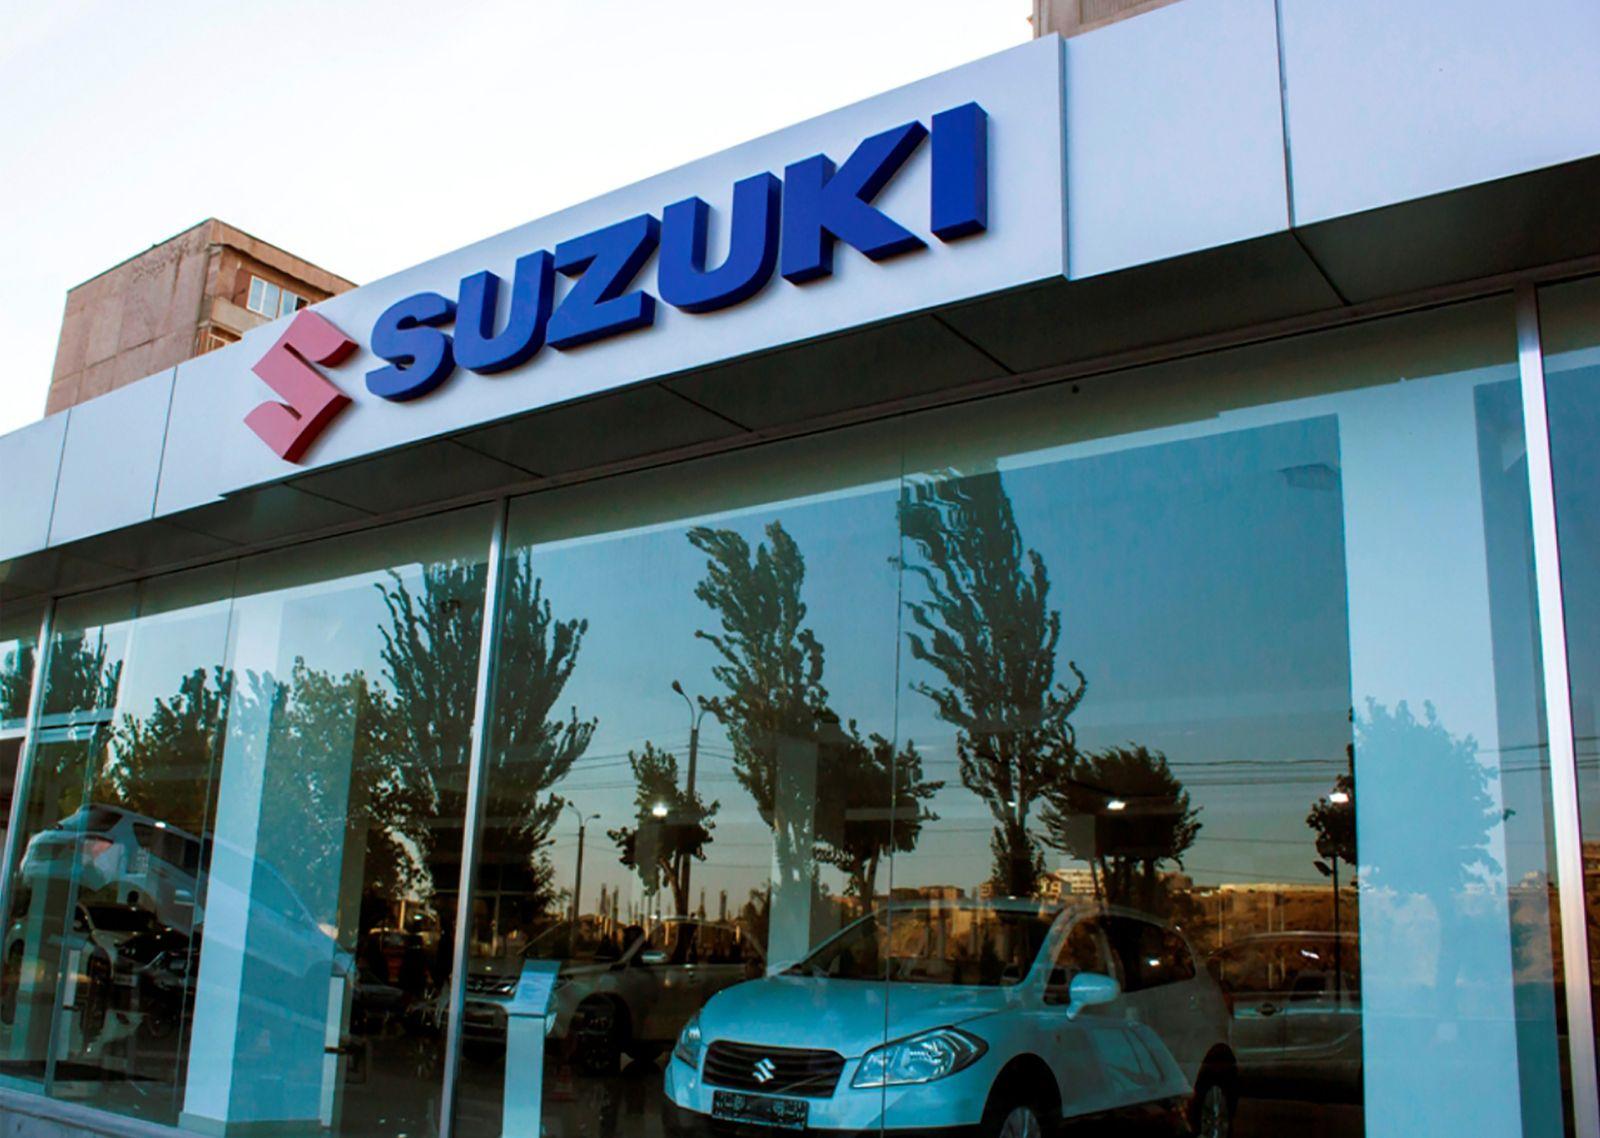 Suzuki Illuminated letters